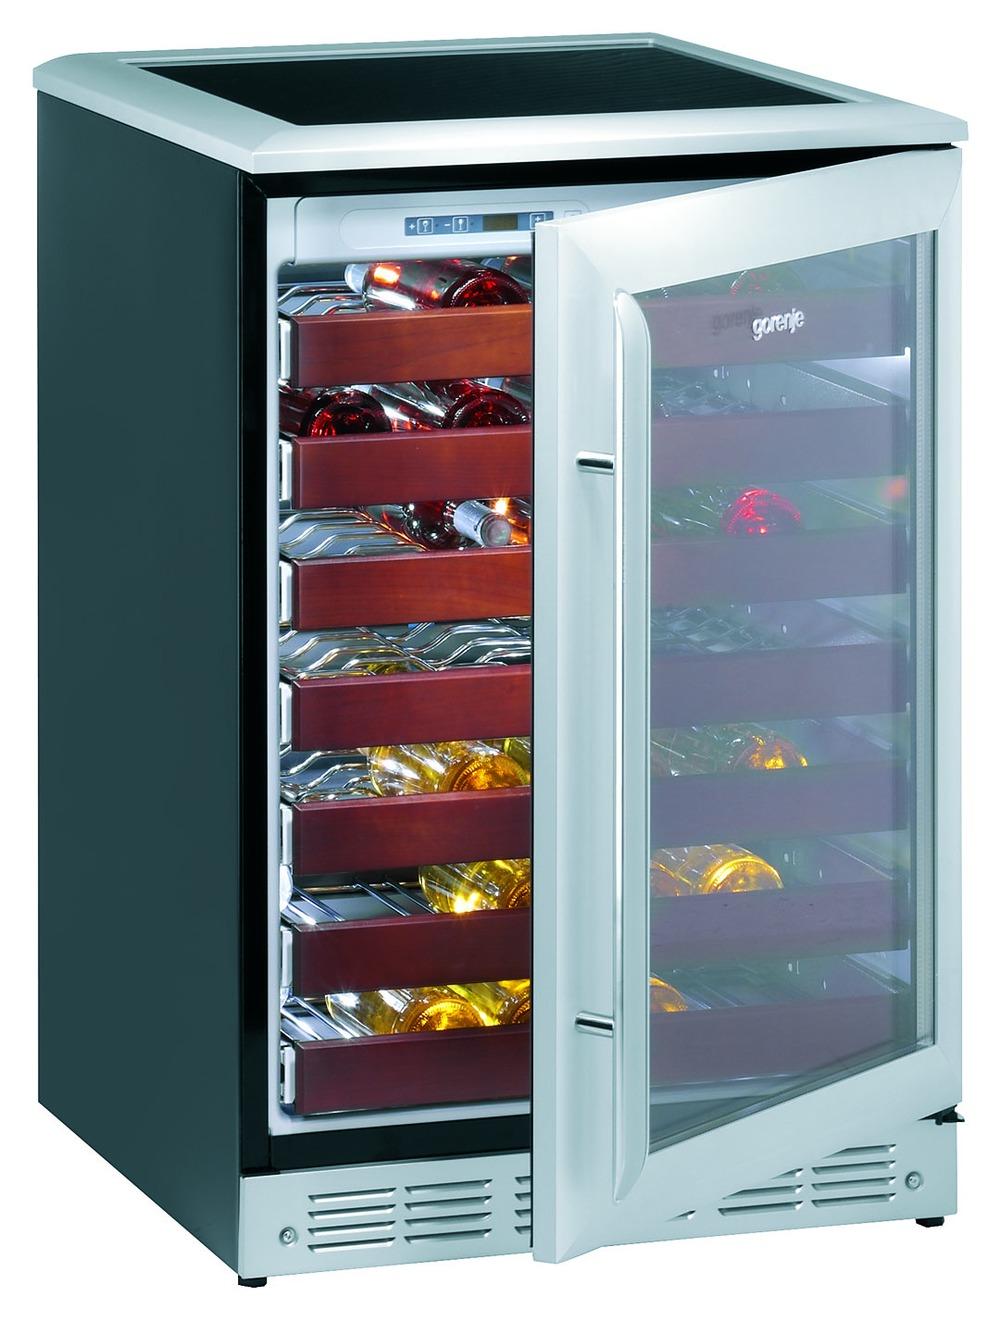 Gorenje vinkøleskab